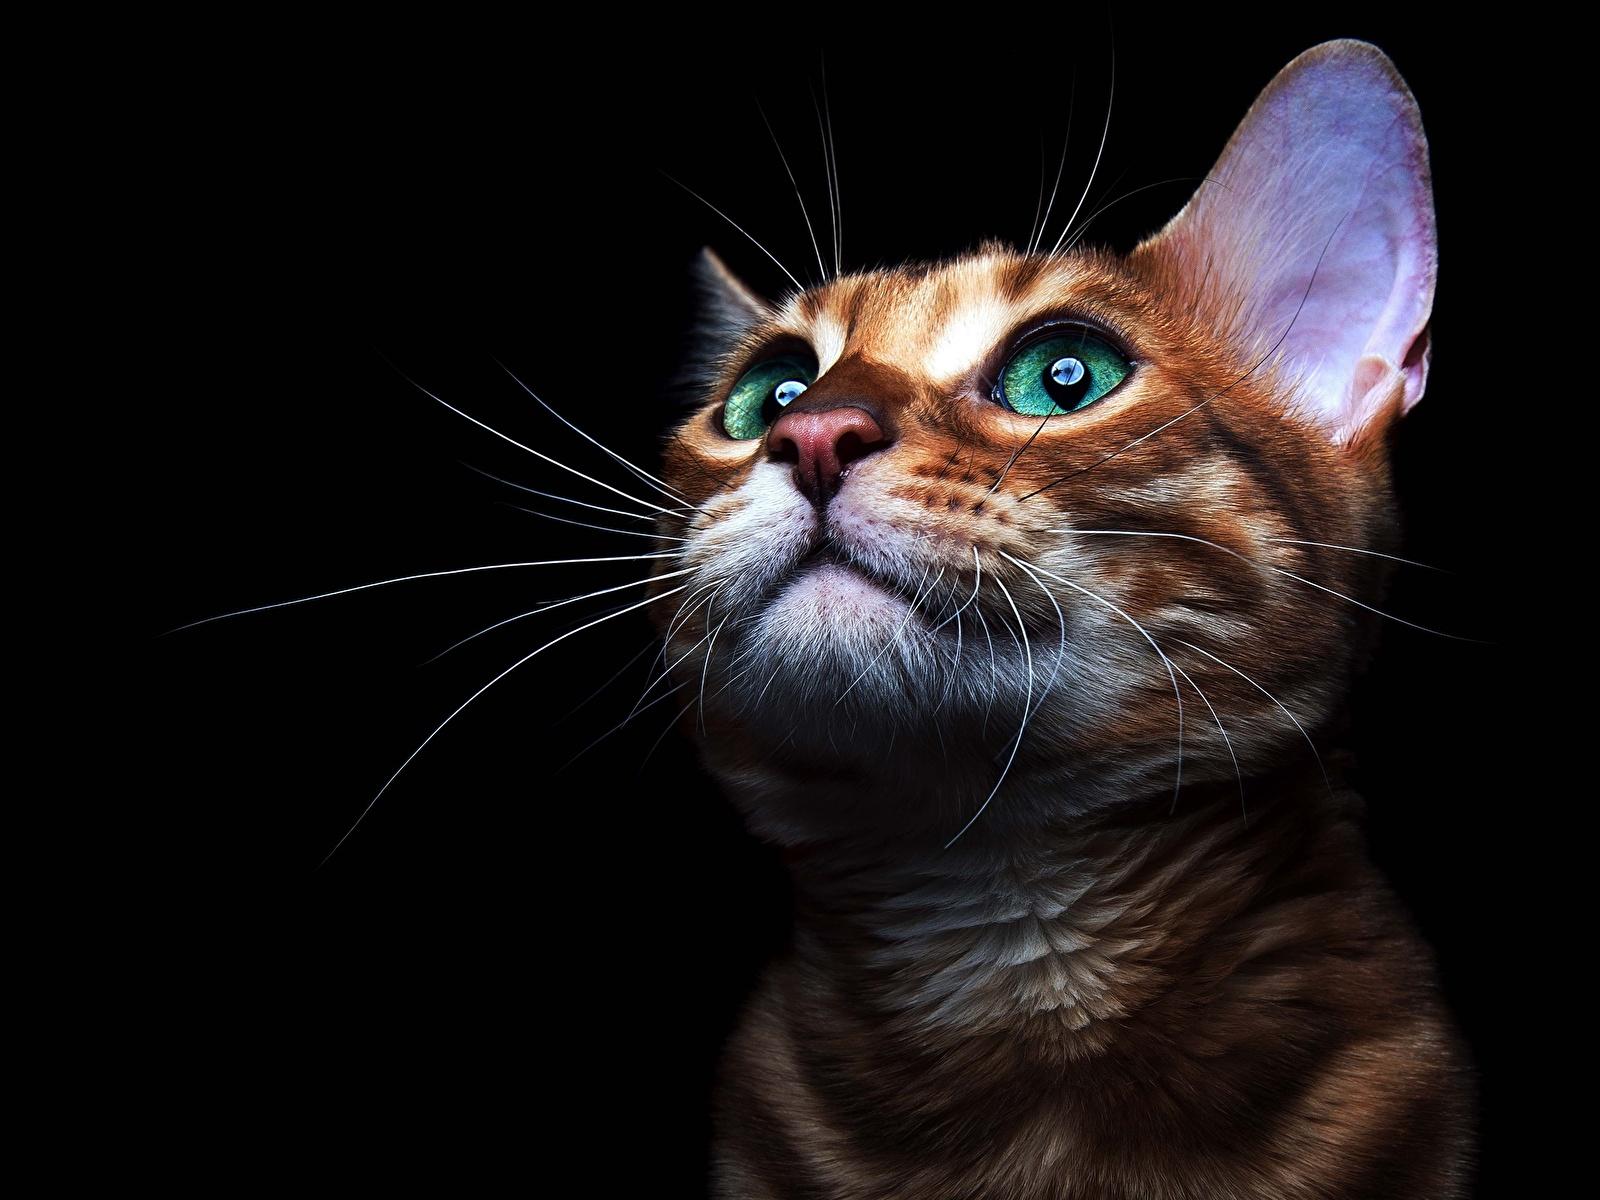 Картинки коты Усы Вибриссы морды Взгляд Животные Черный фон 1600x1200 кот кошка Кошки Морда смотрит смотрят животное на черном фоне